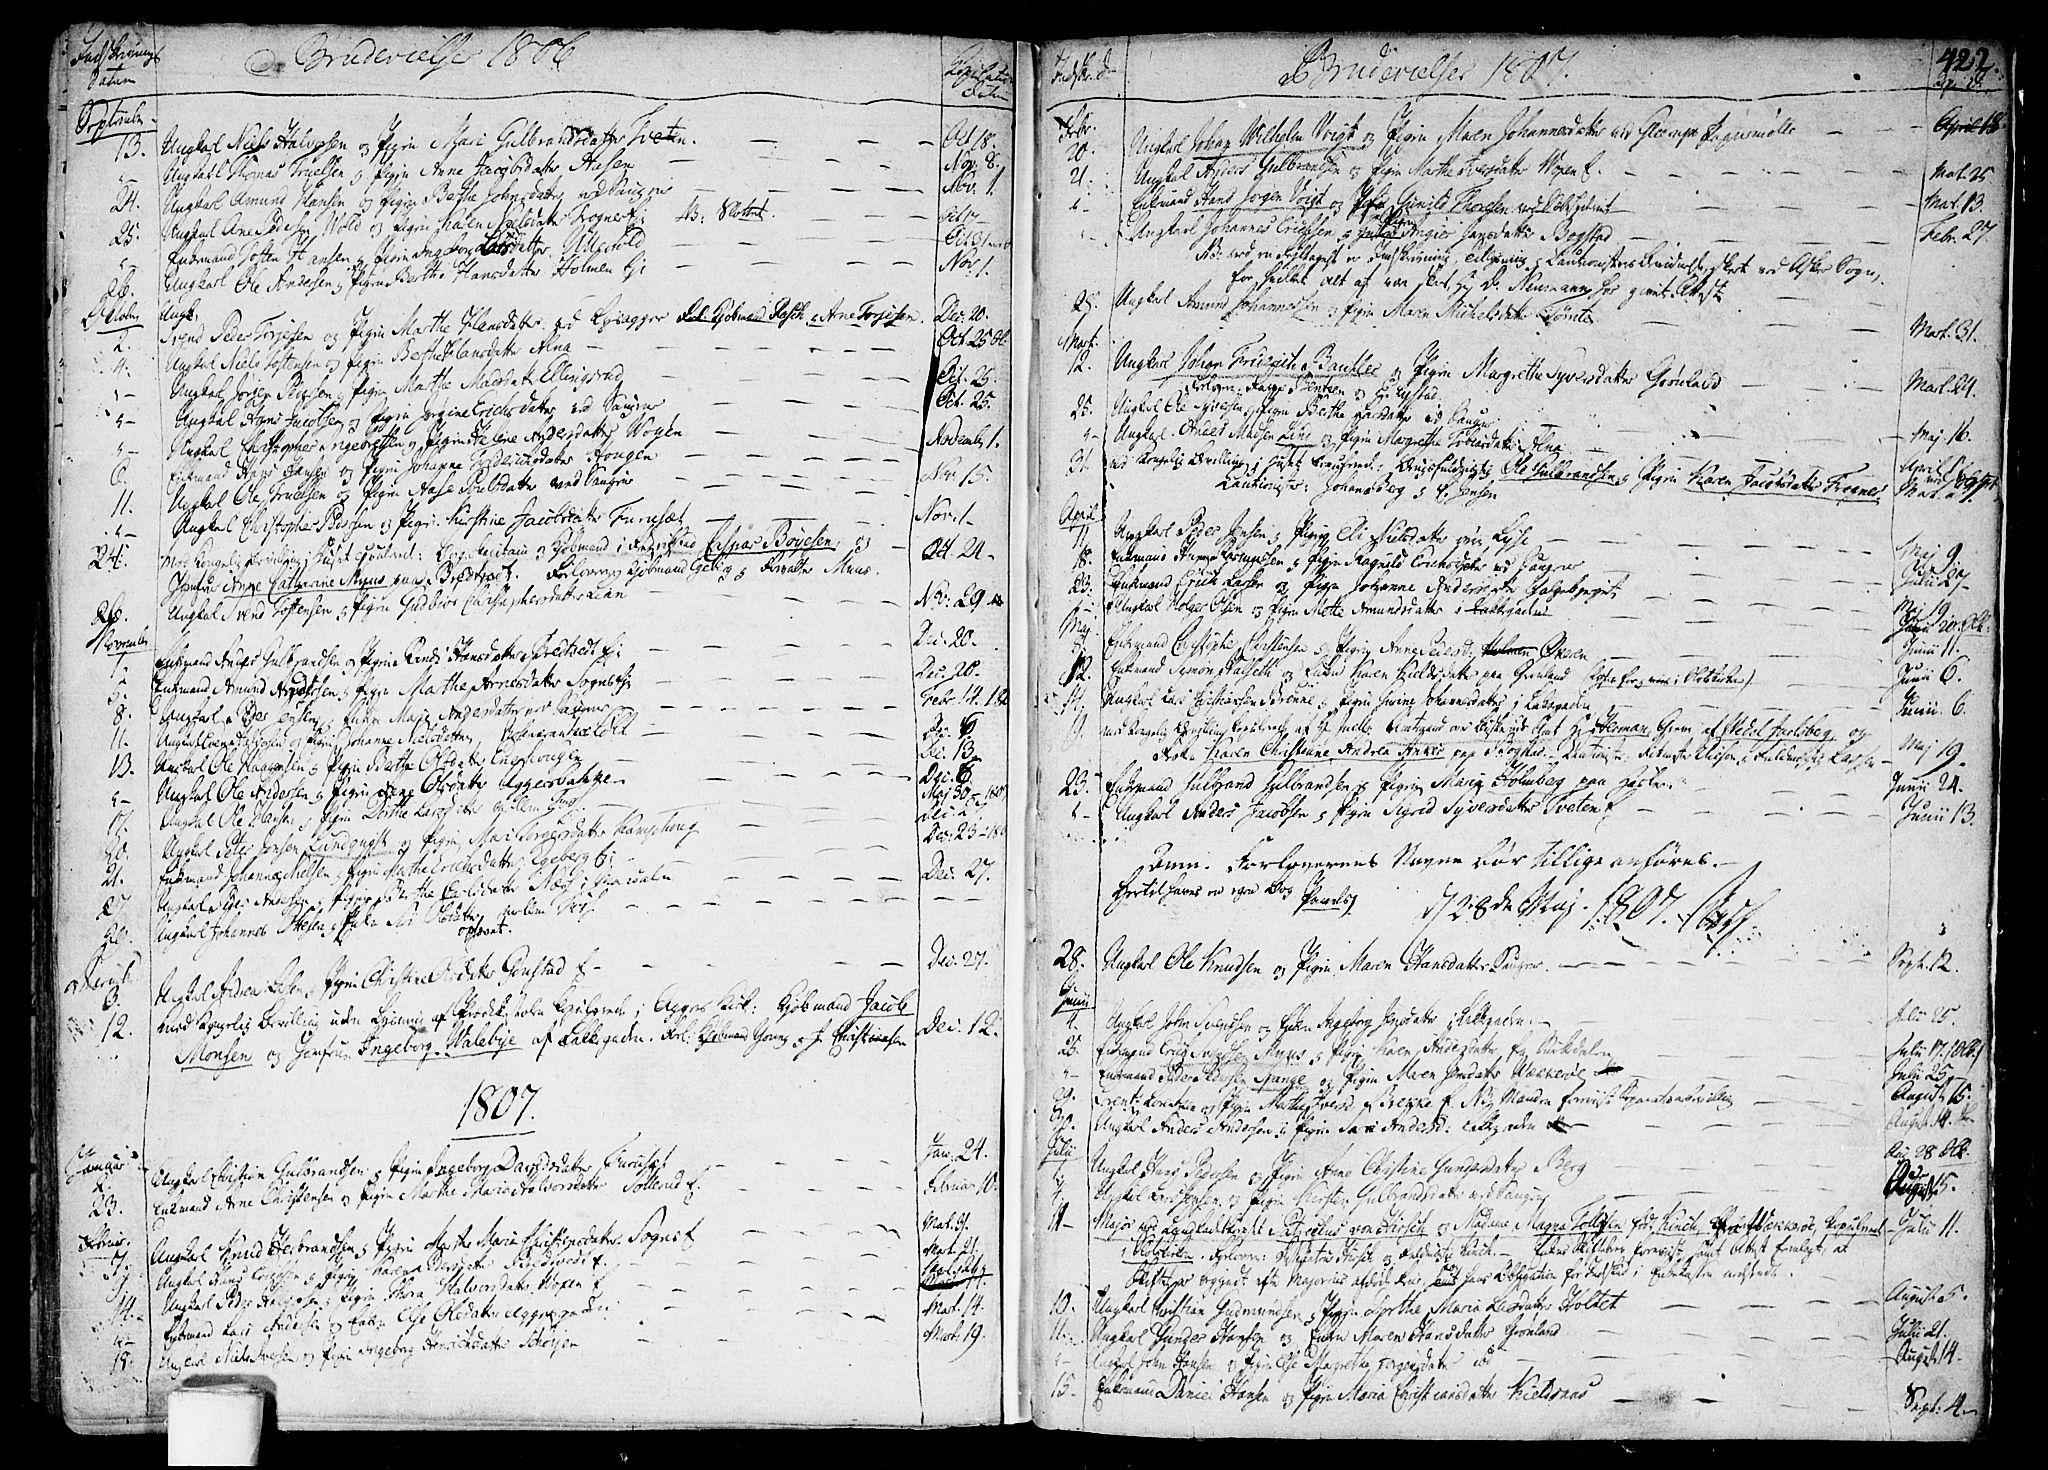 SAO, Aker prestekontor kirkebøker, F/L0010: Ministerialbok nr. 10, 1786-1809, s. 422